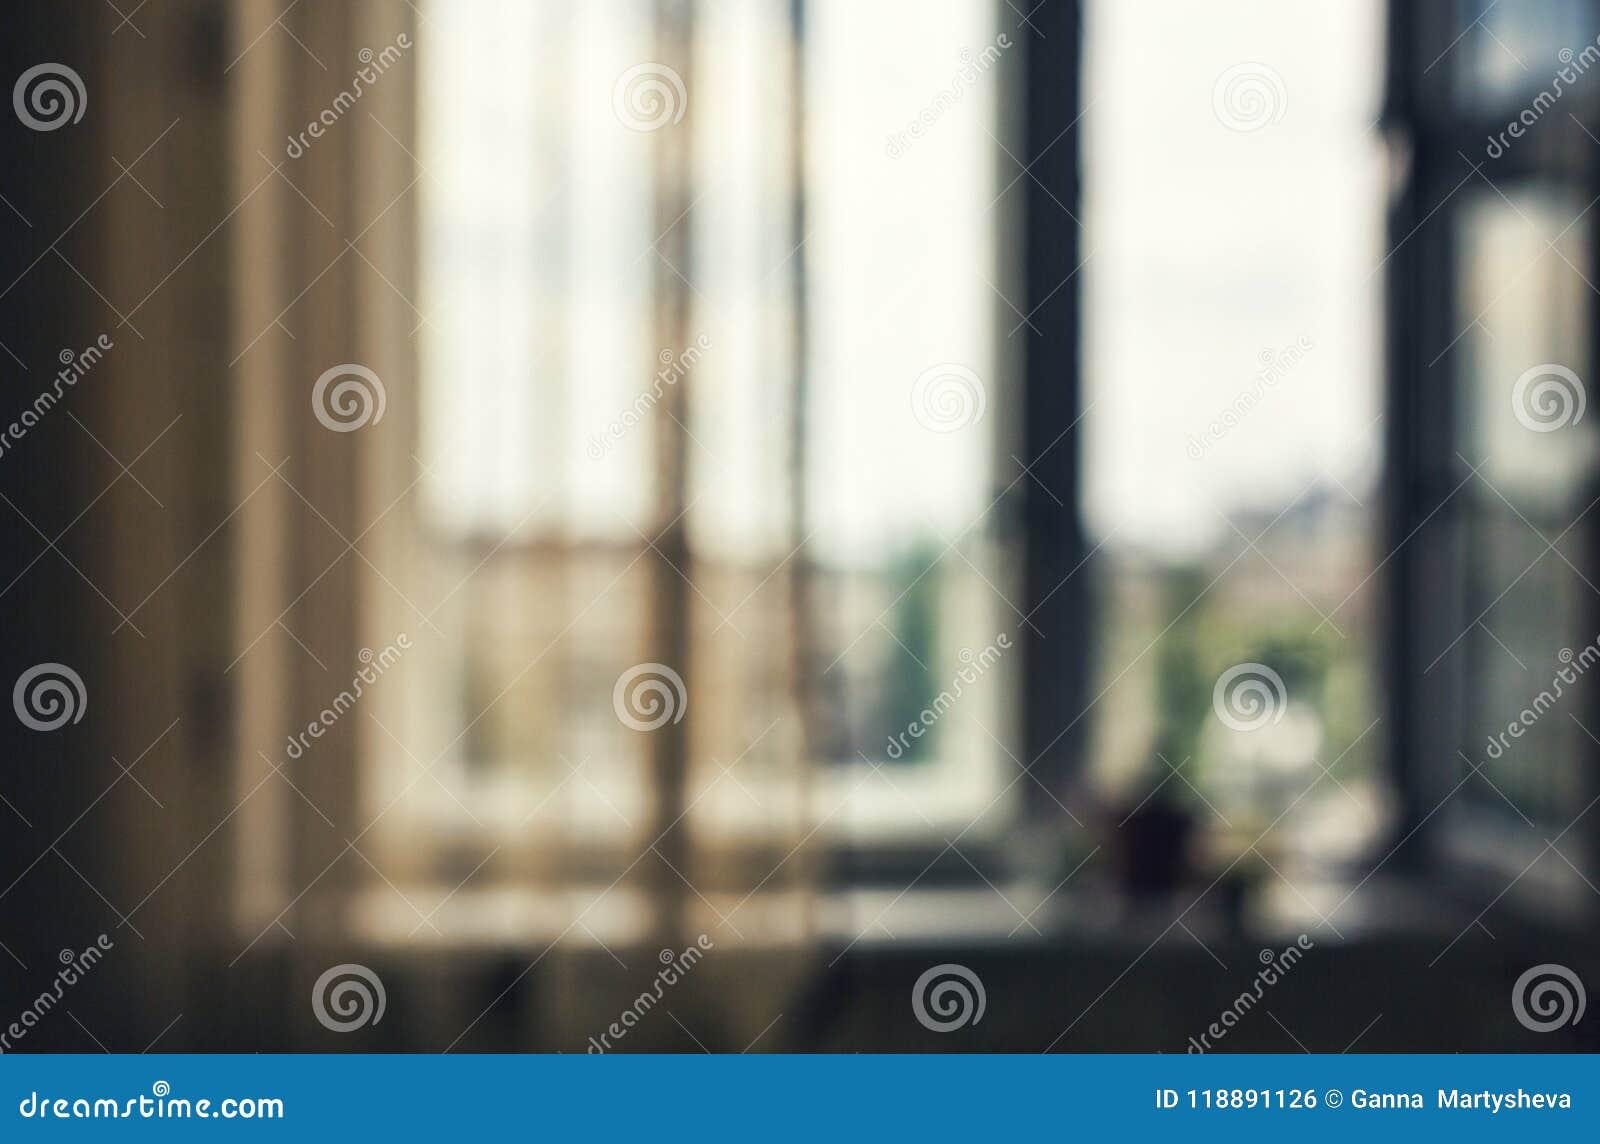 Fundo do borrão sala, uma janela Vista da cidade escritório, fundo da opinião da cidade